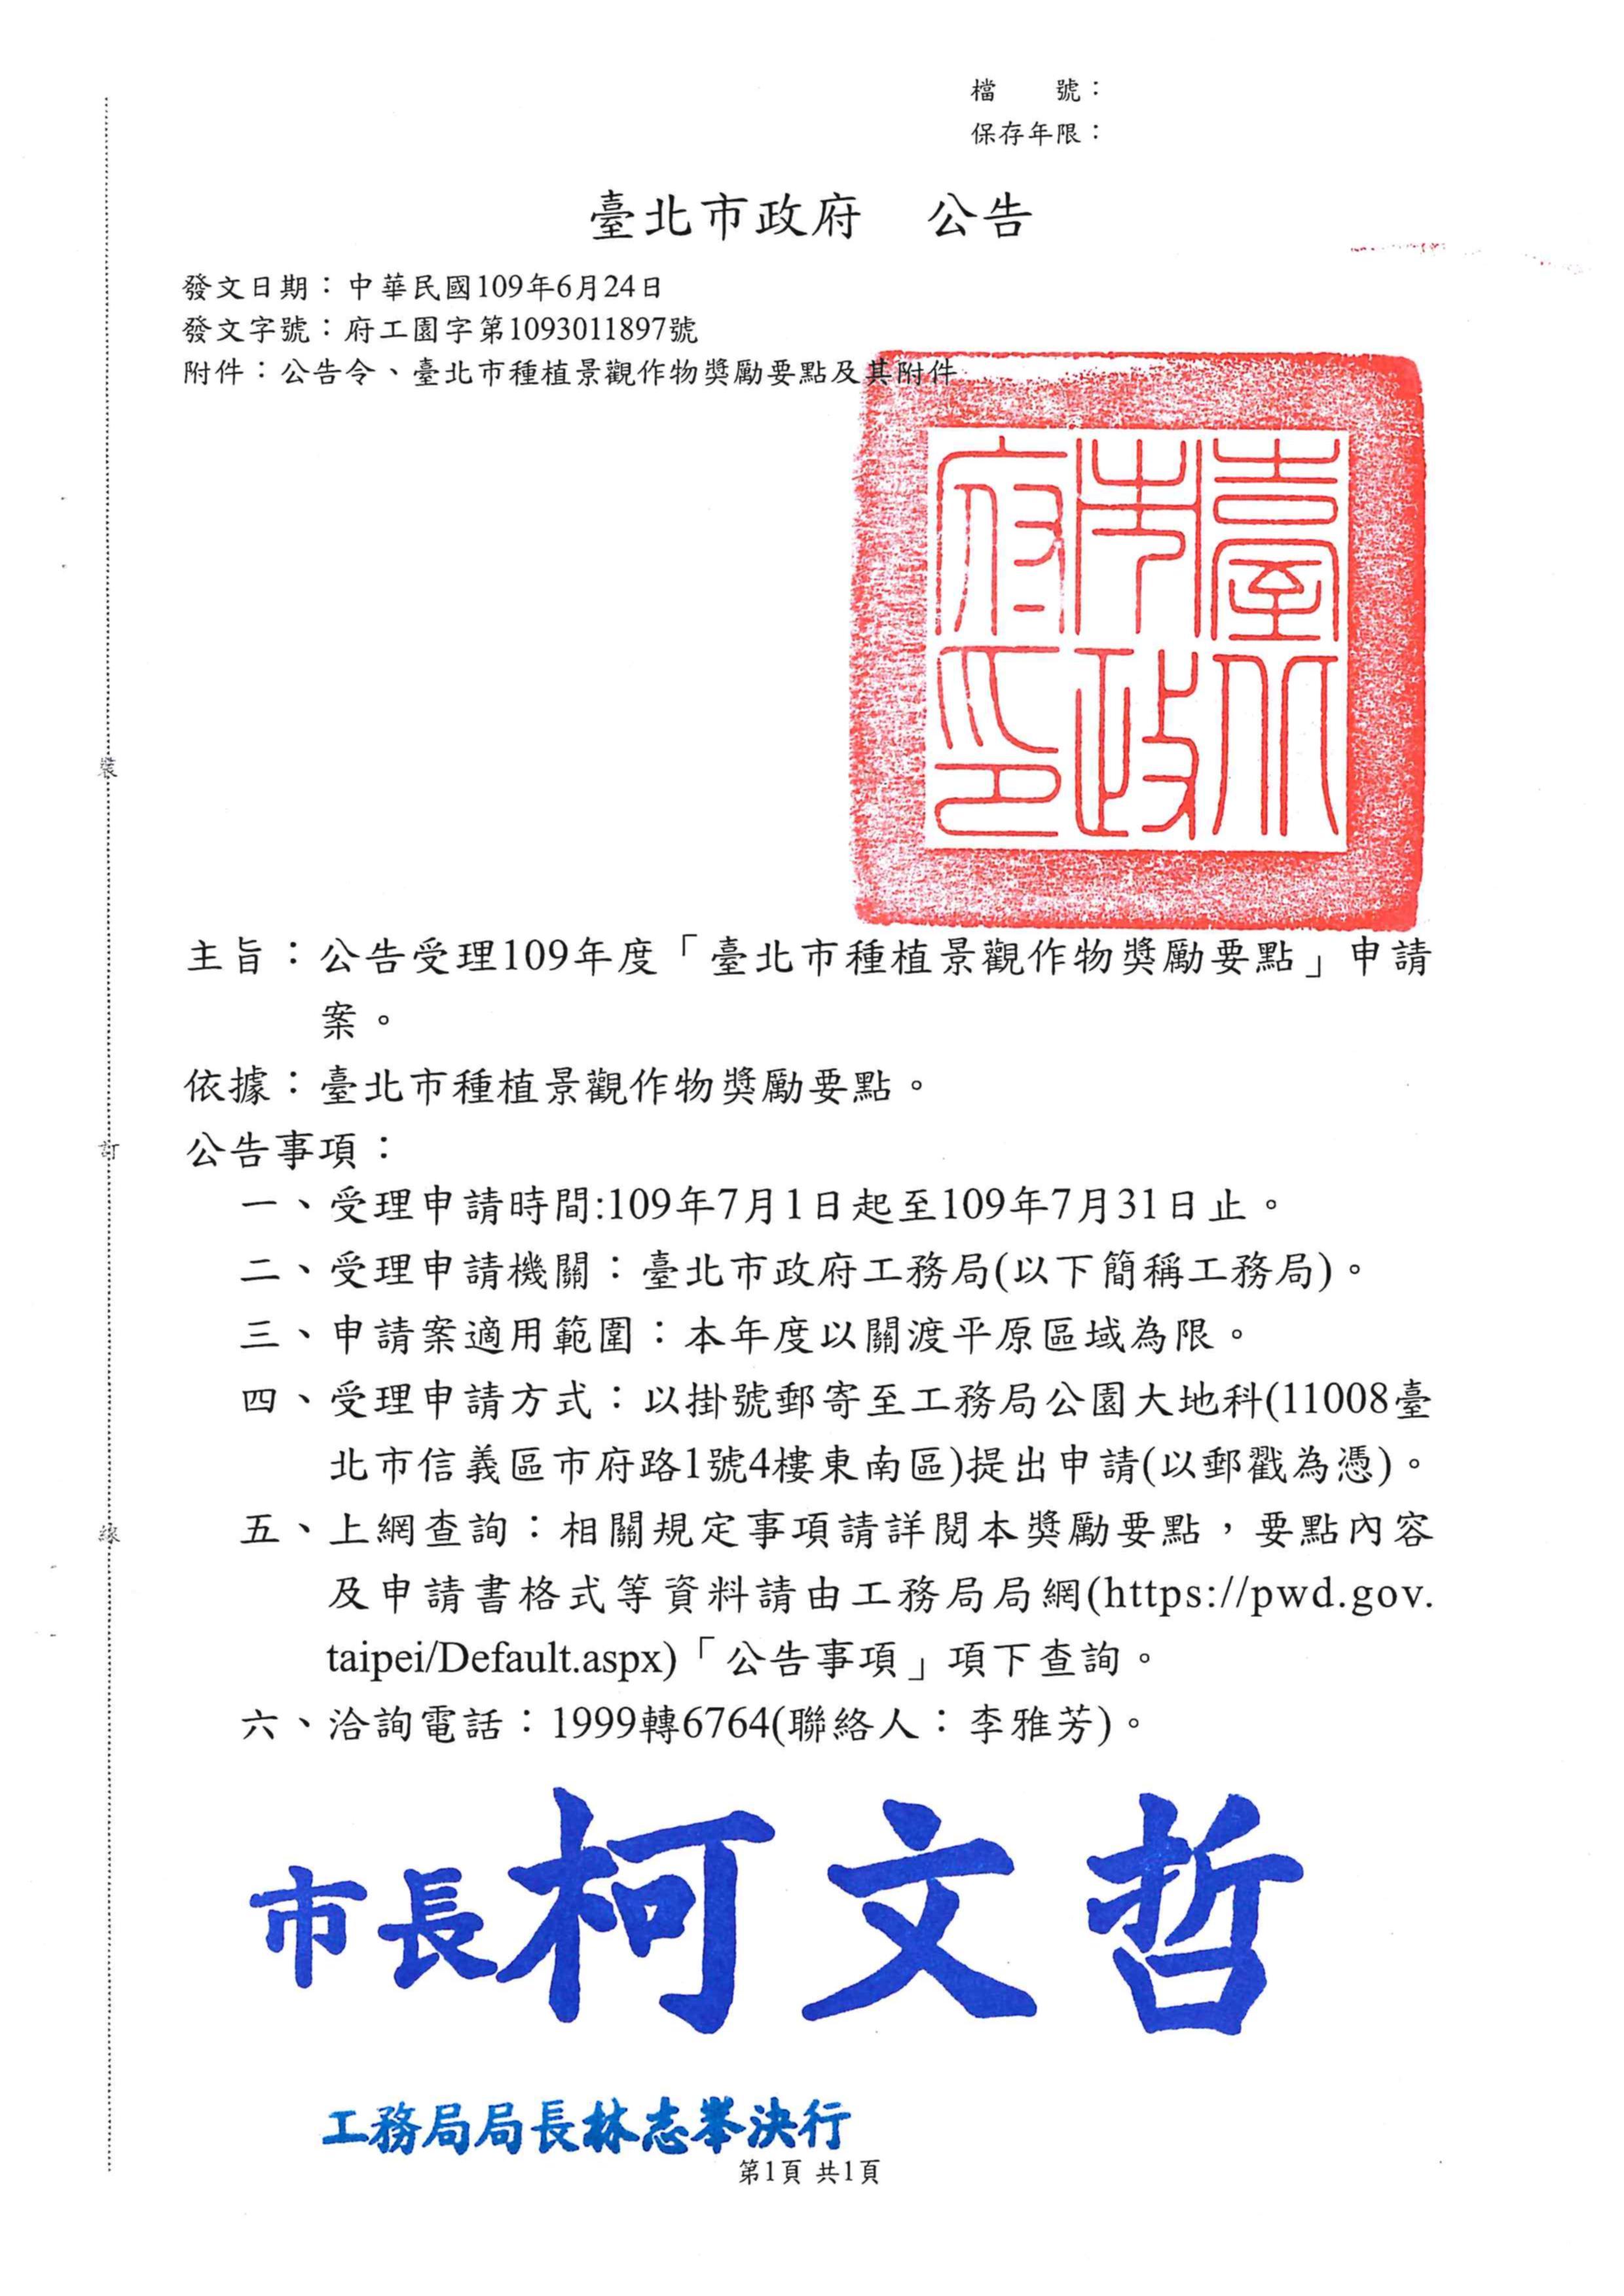 臺北市種植景觀作物獎勵要點